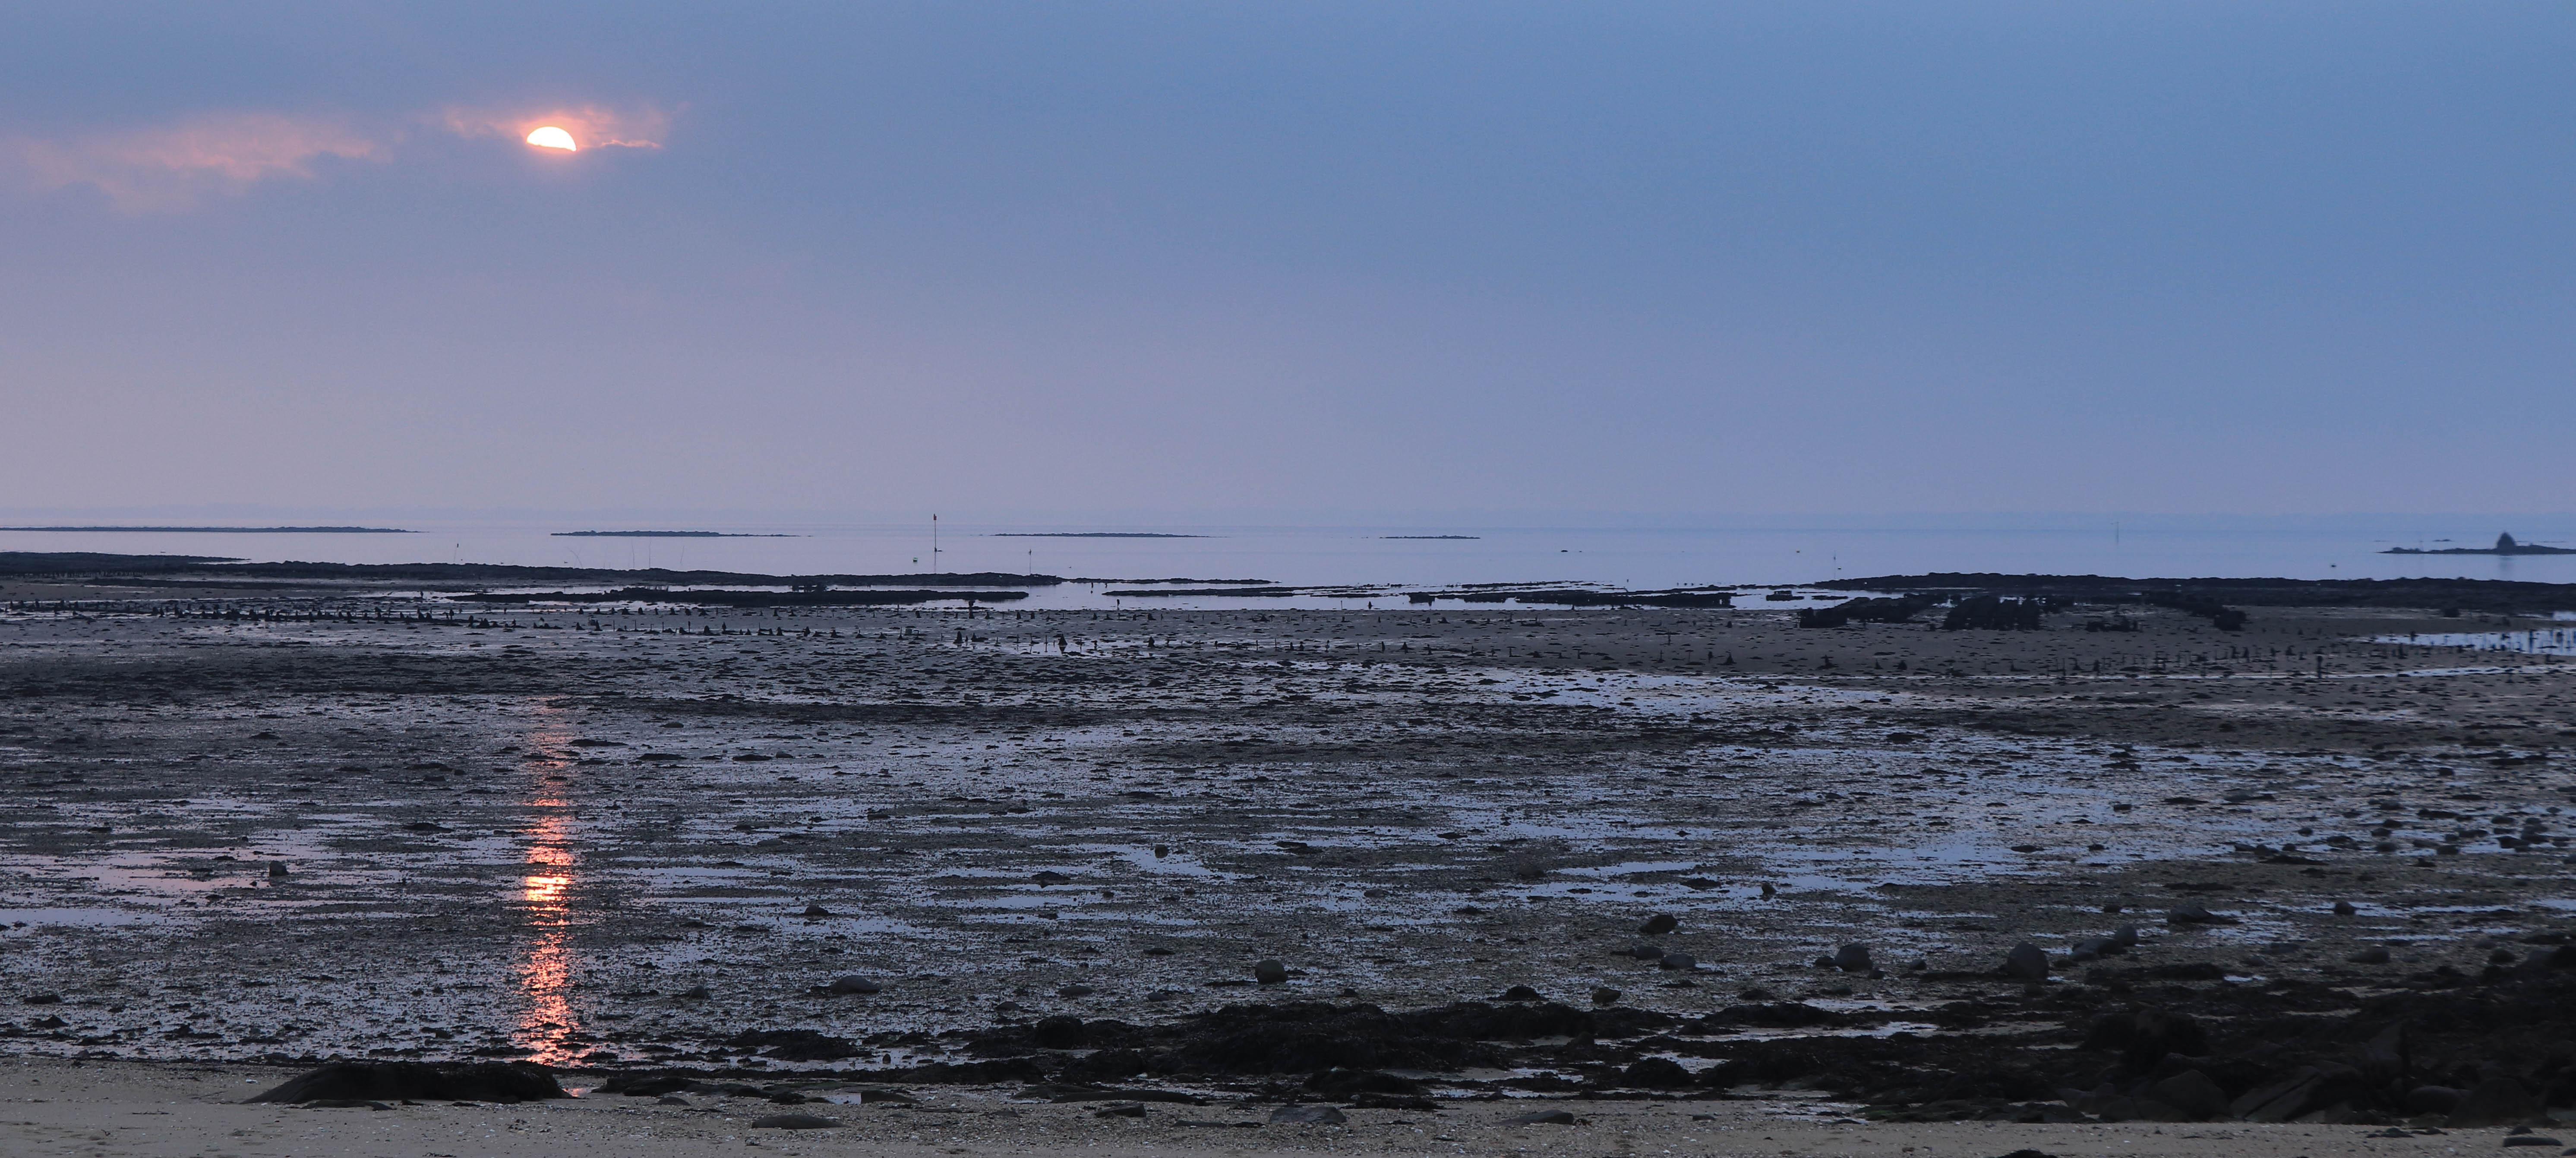 baie de st philibert, 28 déc 18, 16h56 (1 sur 1).jpg